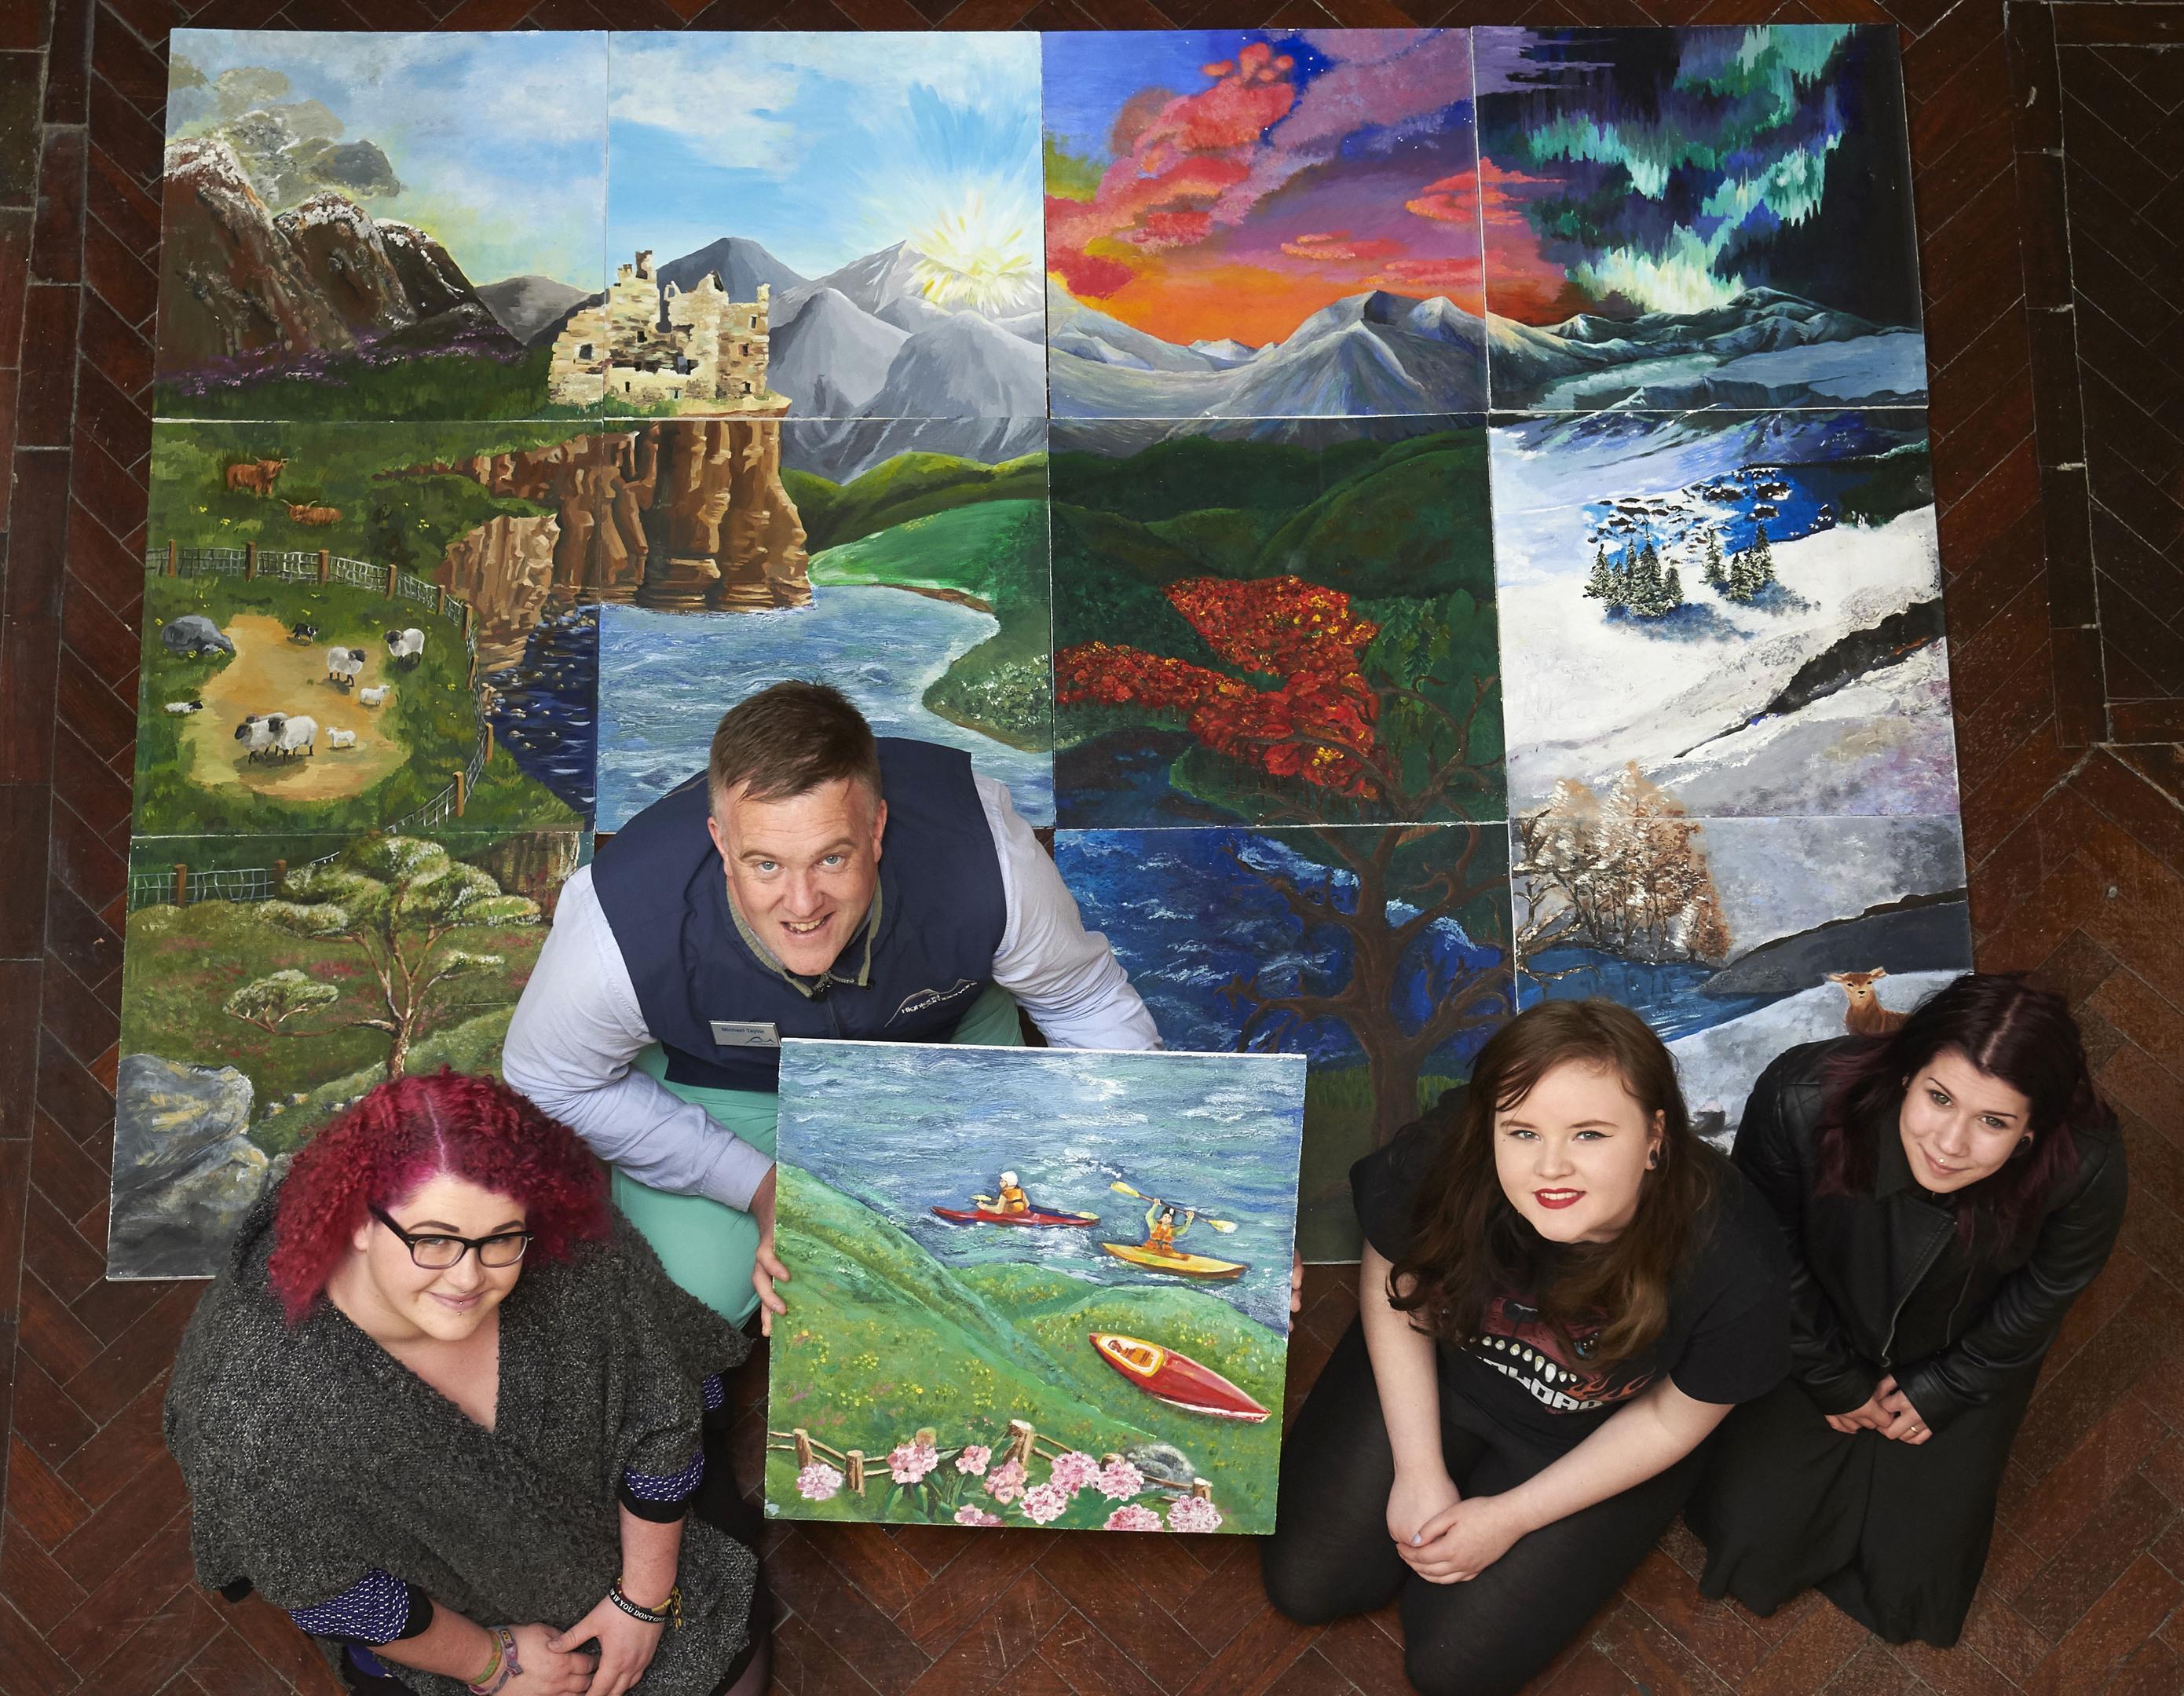 Inverness College Highland Campervans mural.